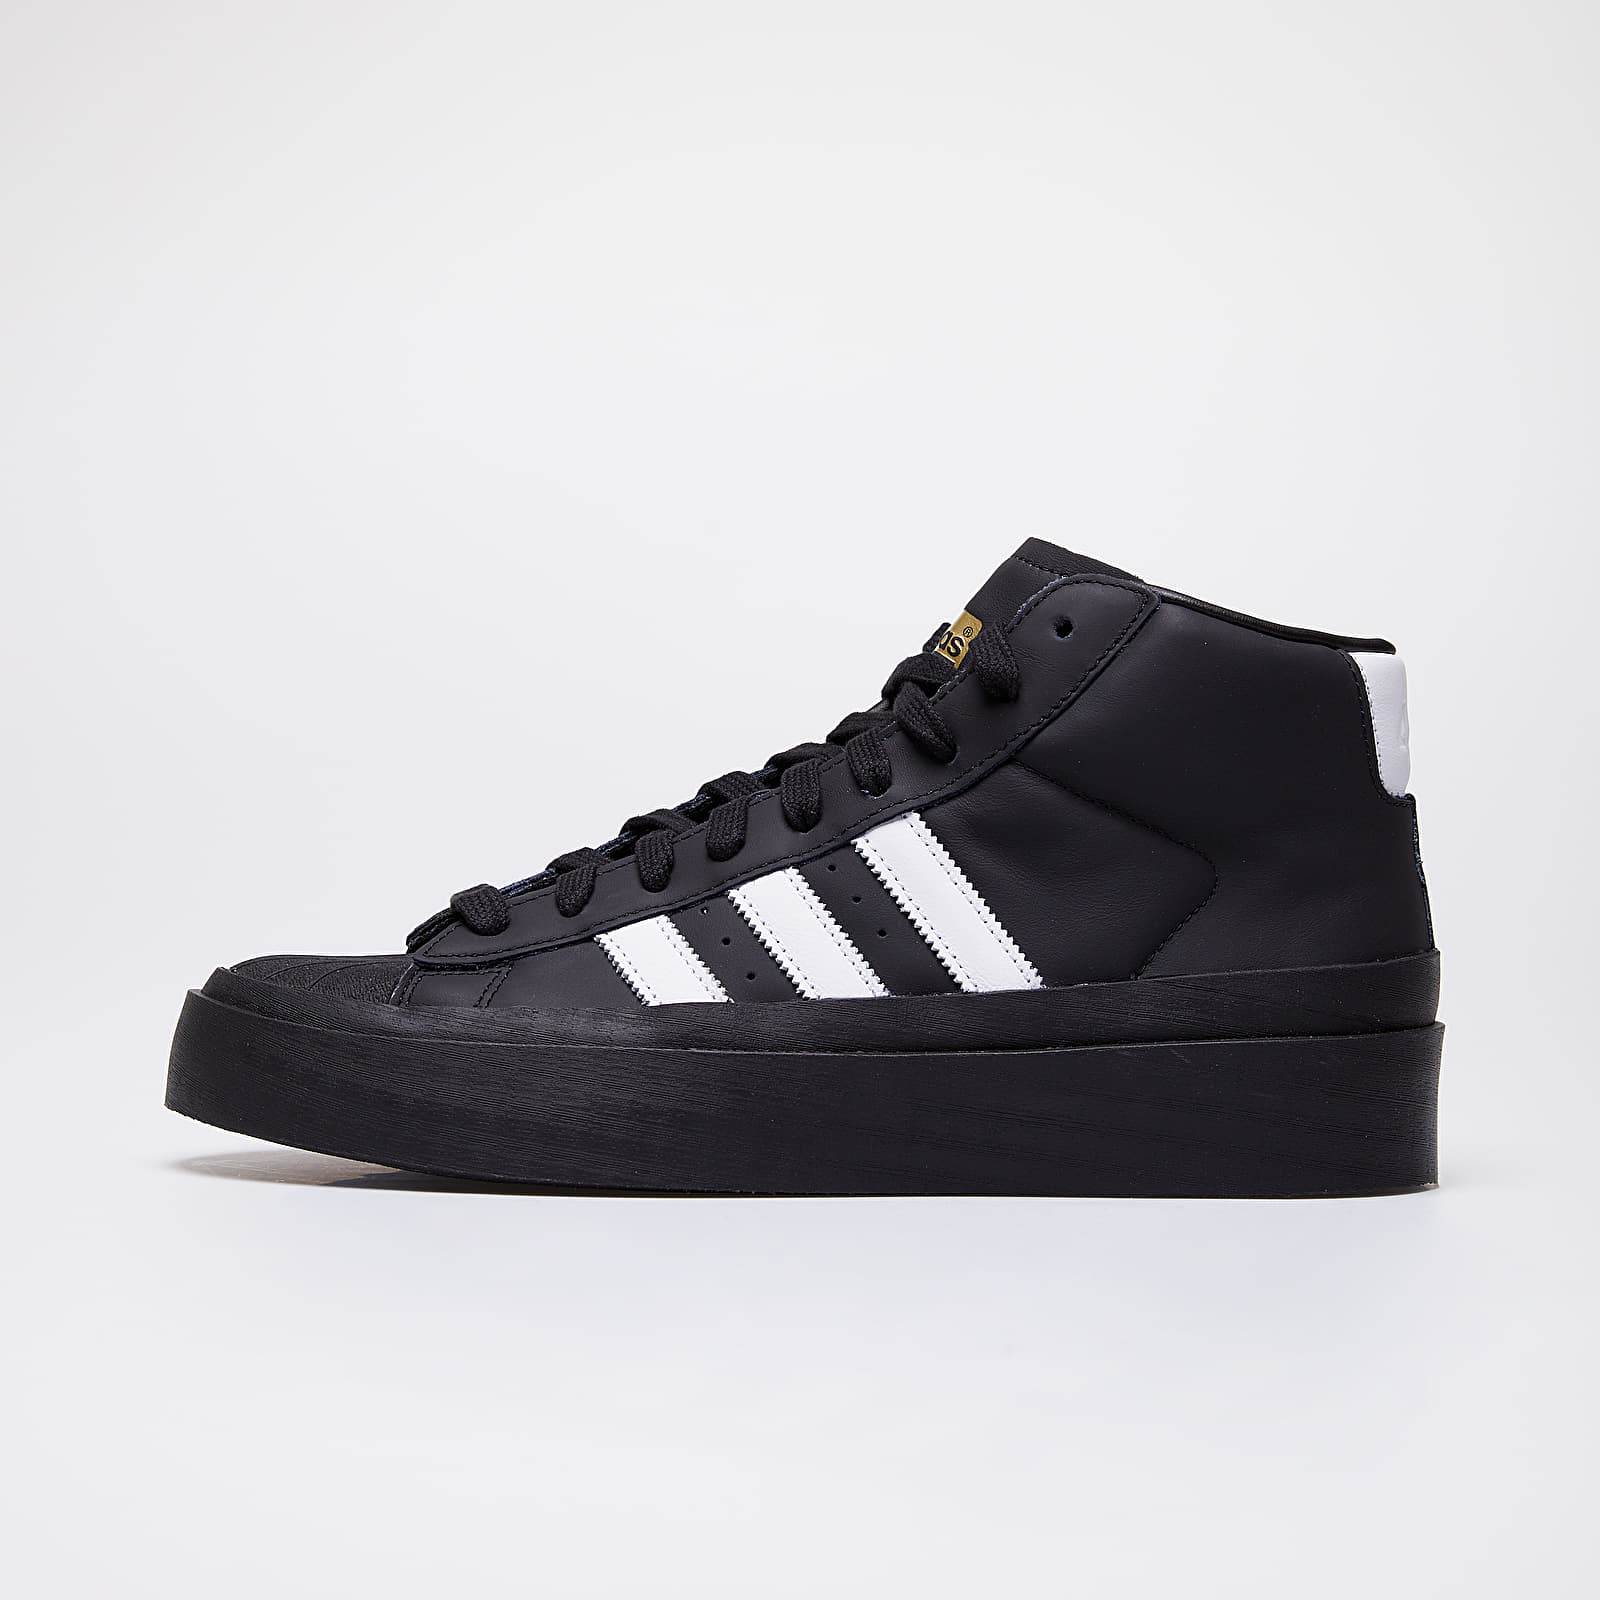 Men's shoes adidas x 424 Pro Model Core Black/ Ftwr White/ Core Black